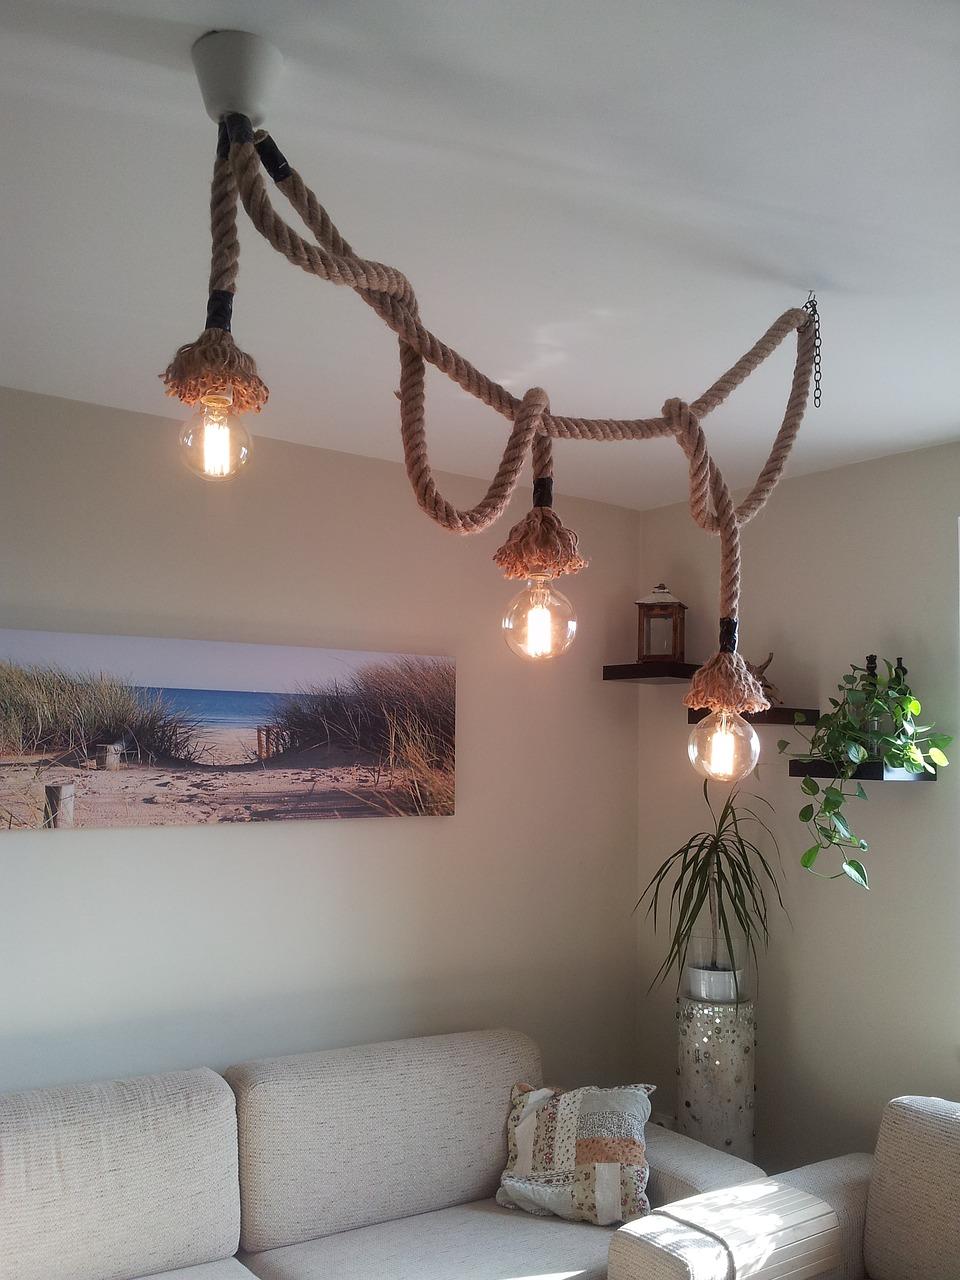 Při výběru osvětlení nemusíte zůstat pouze u konvence. Netradiční osvětlení oživí interiér.